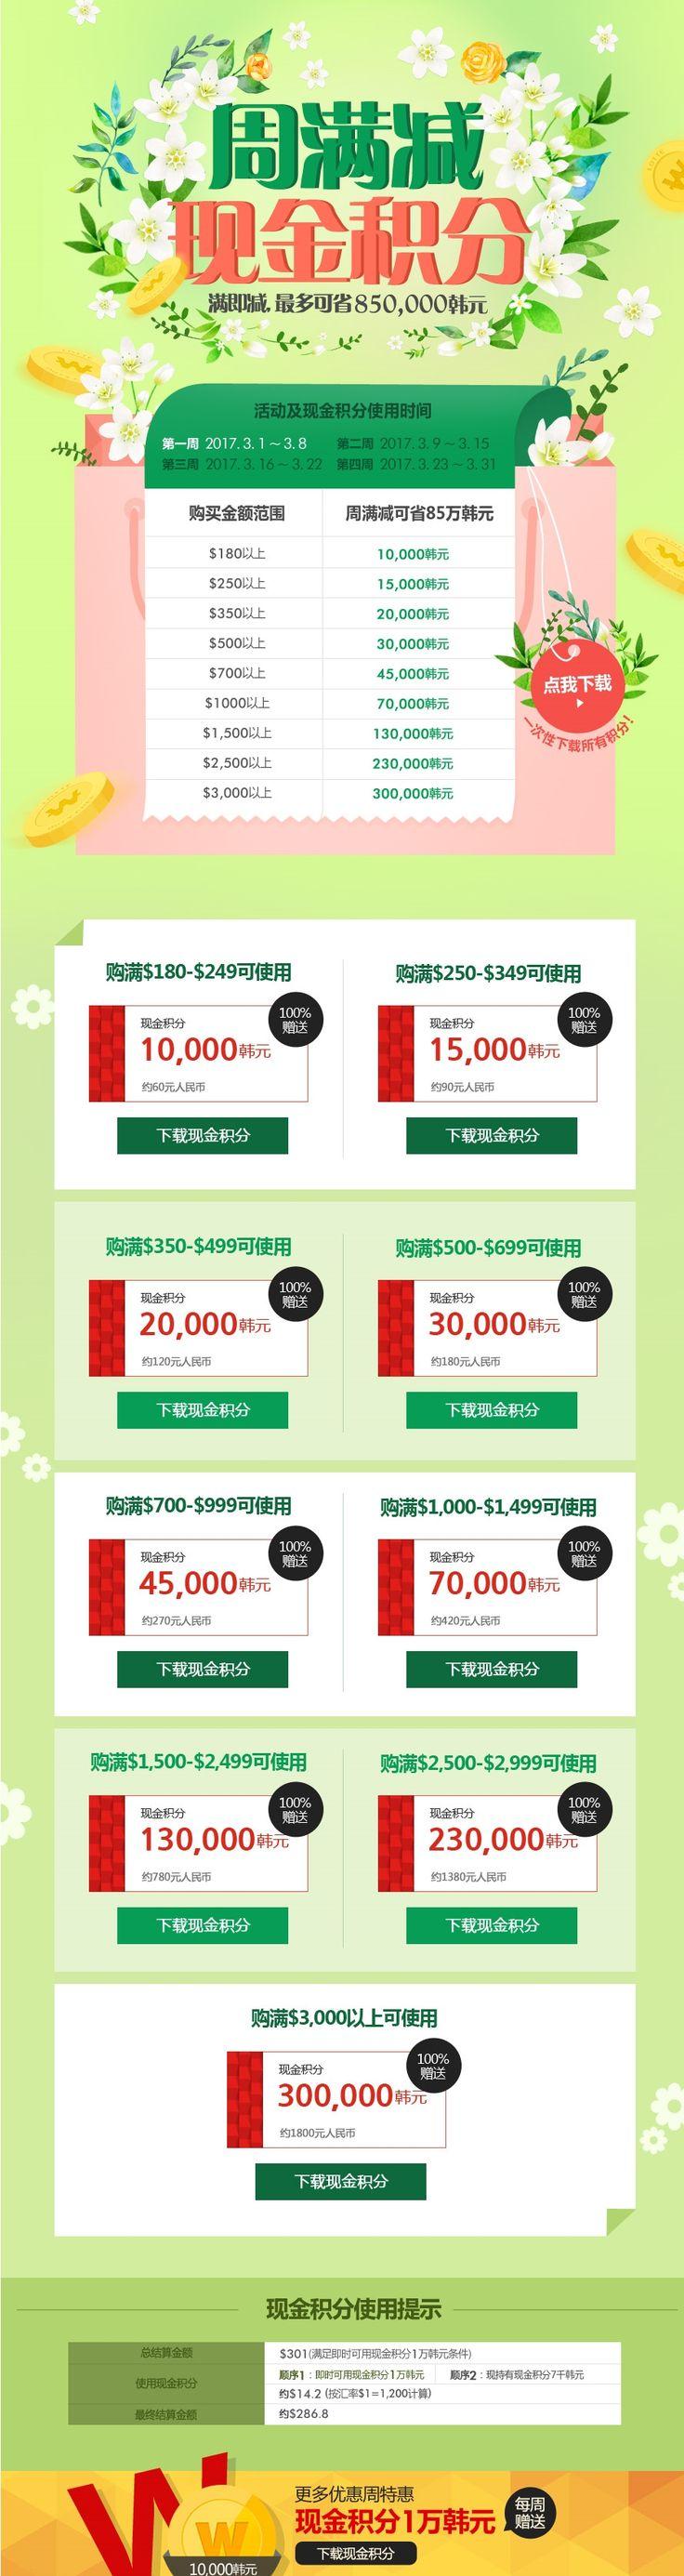 #2017년3월1주차 #중문 #85만원위클리구매허들